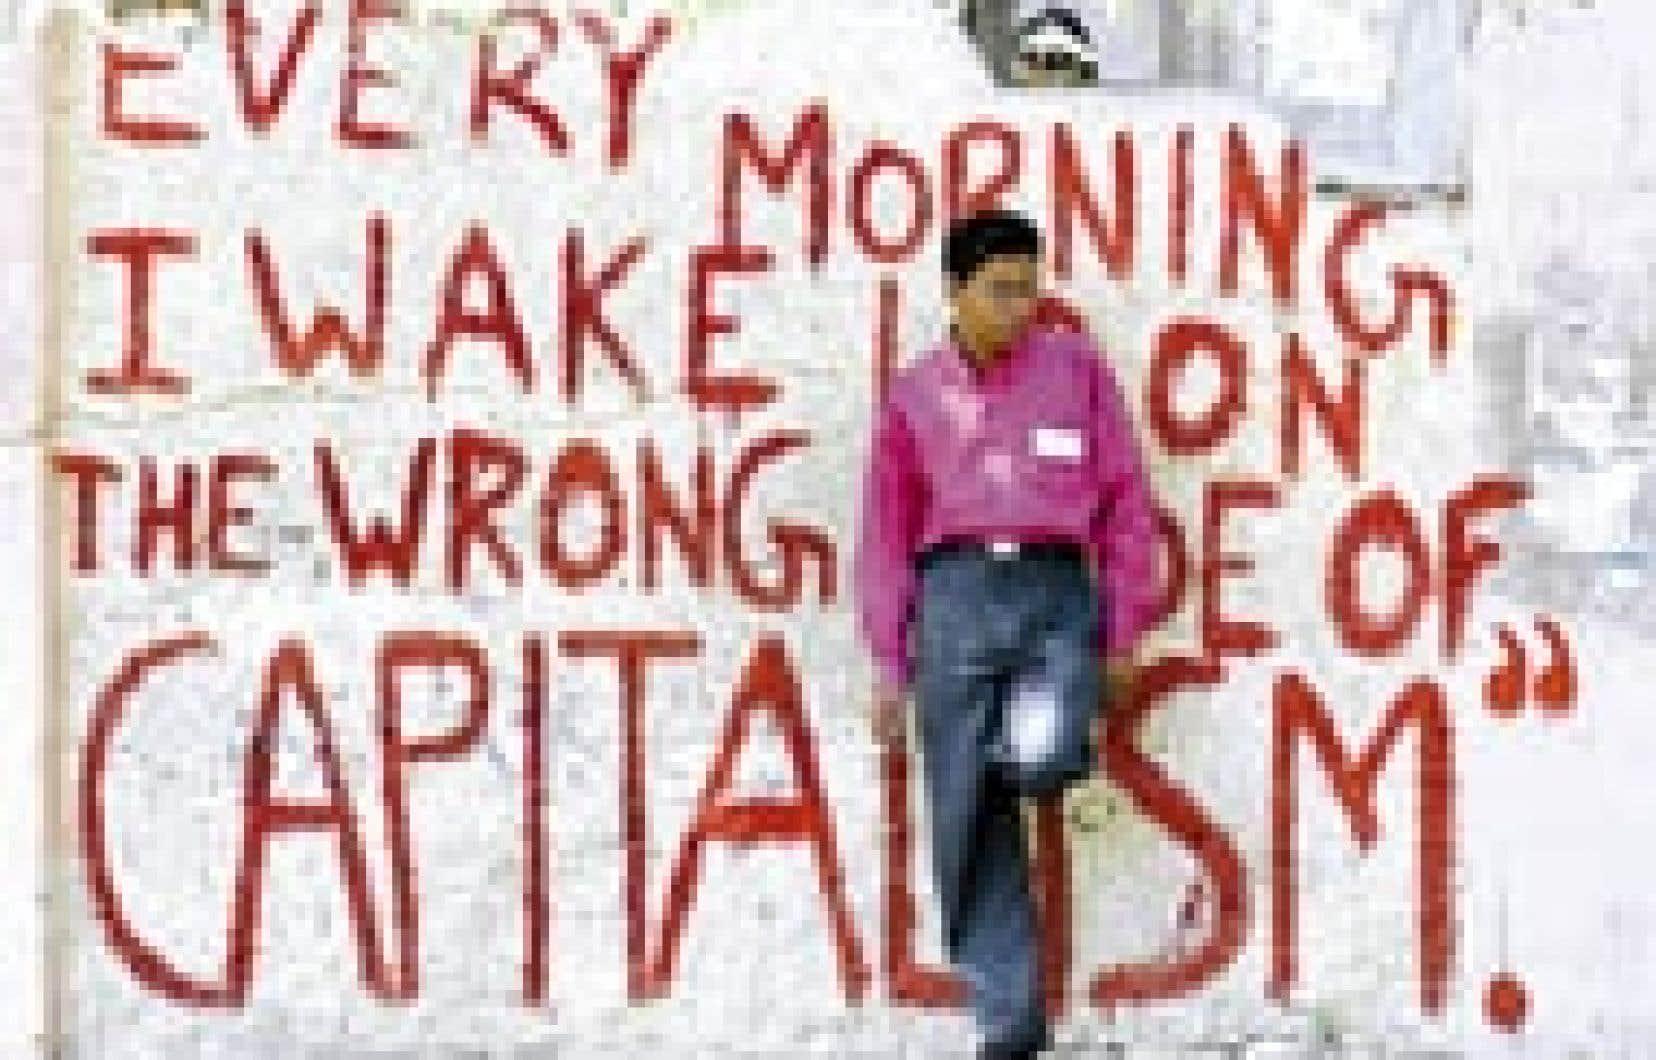 L'Inde, qui connaît une forte croissance, reste submergée par la pauvreté: plus de 250 millions de ses habitants vivent avec moins de un dollar par jour.